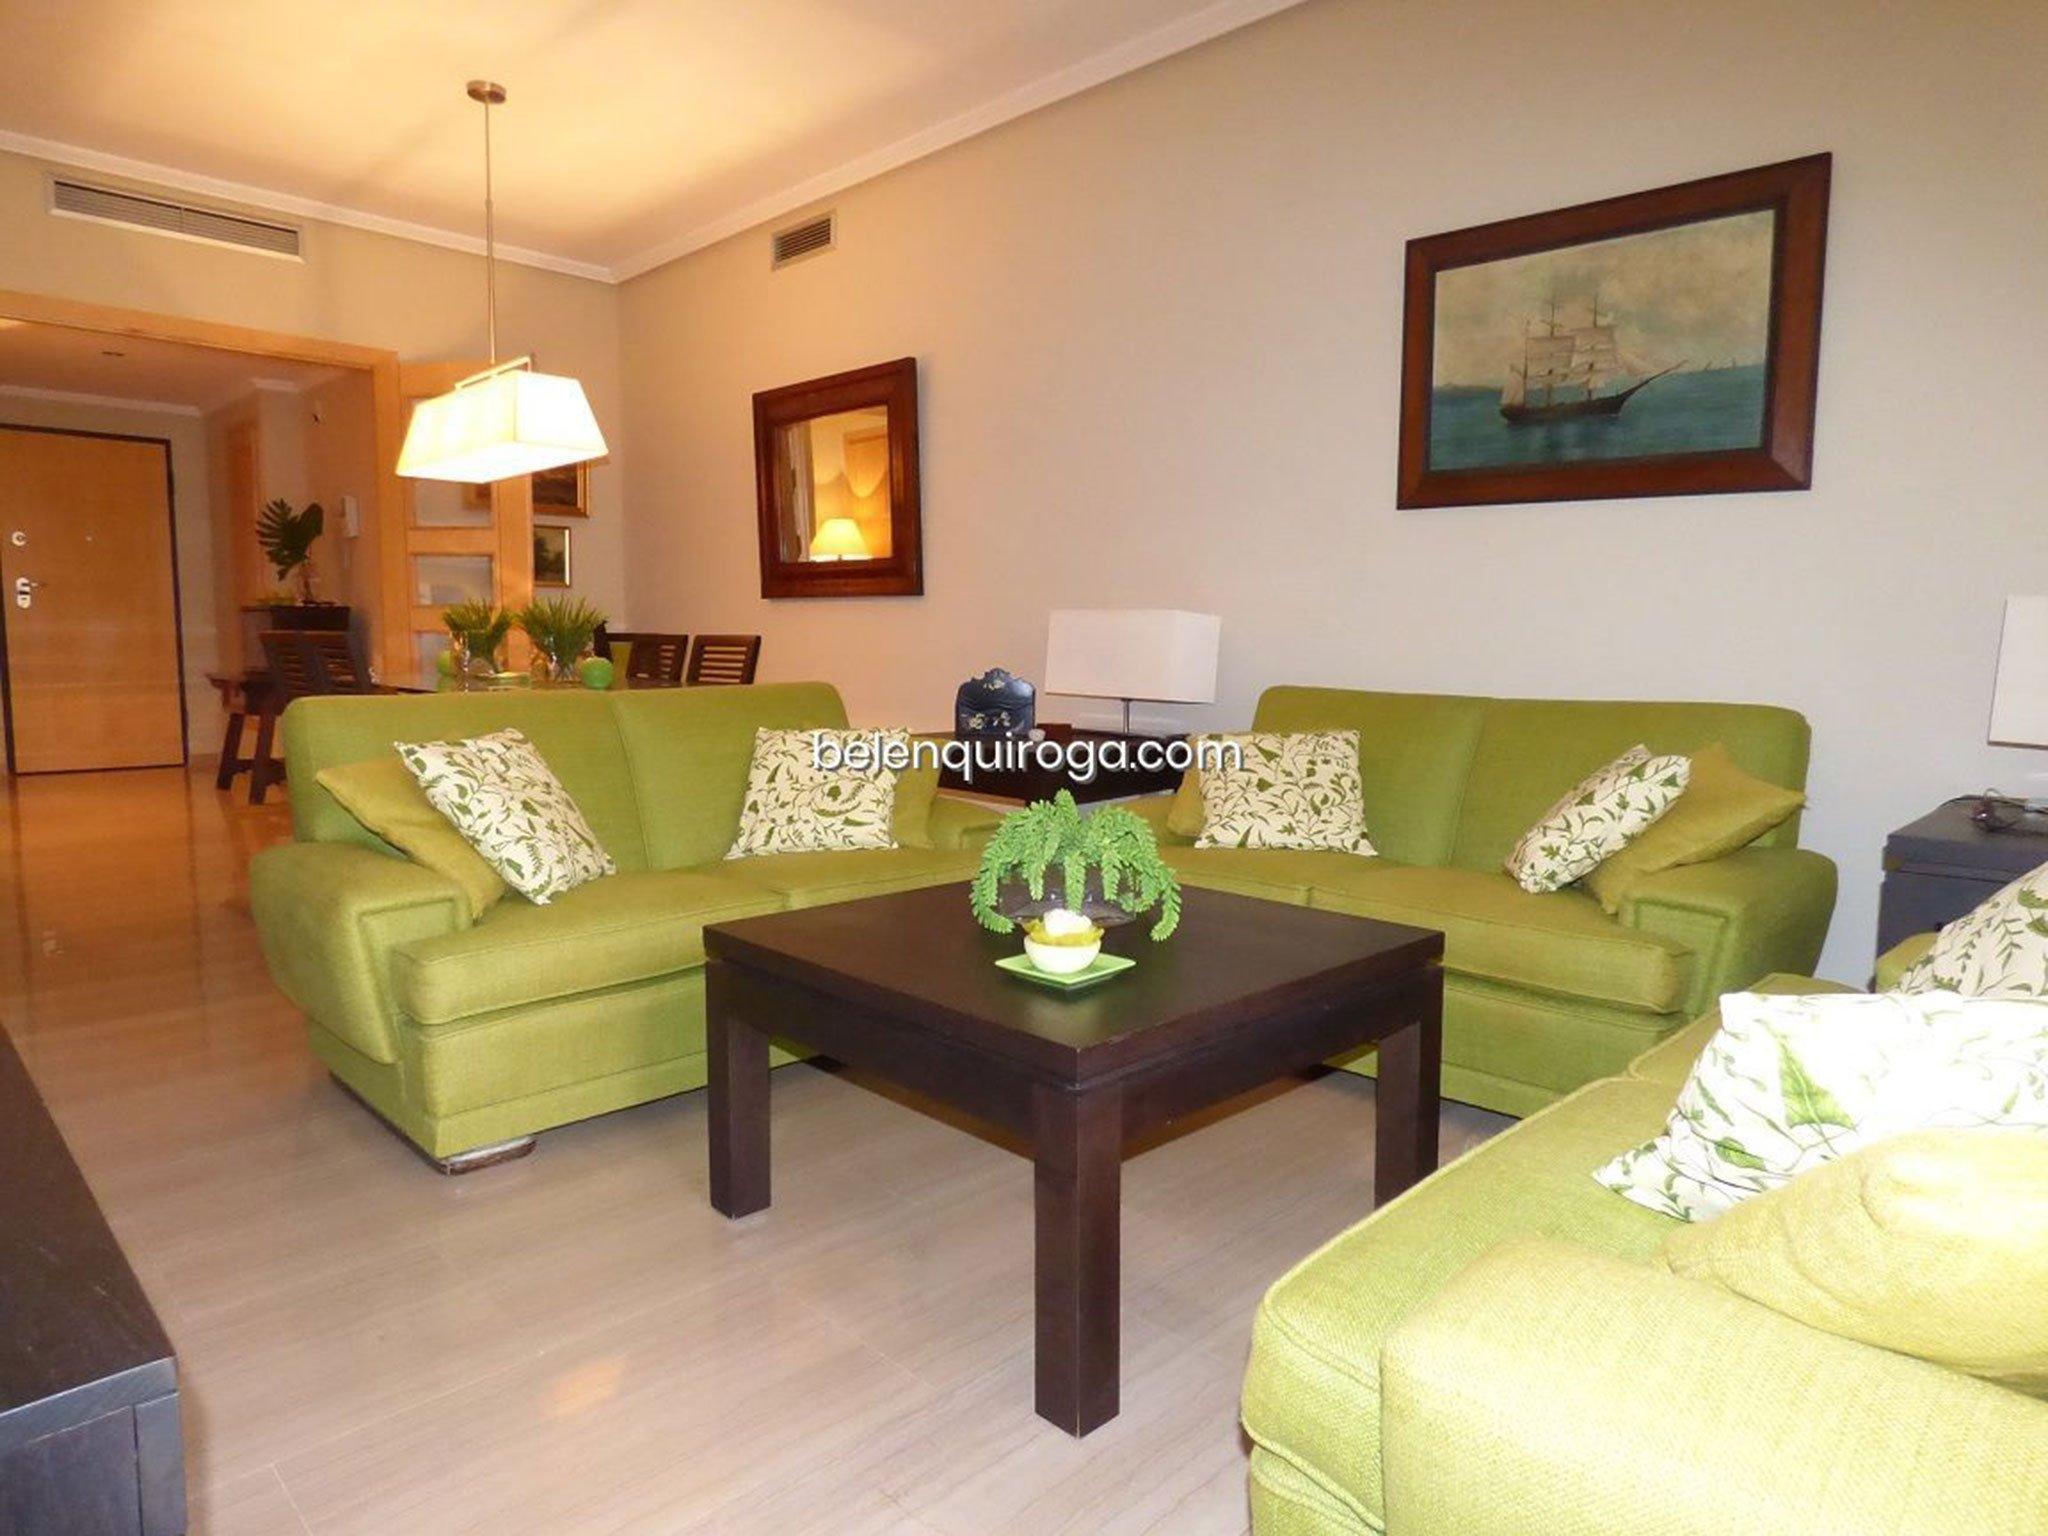 Salón de un adosado en venta en Jávea – Inmobiliaria Belen Quiroga